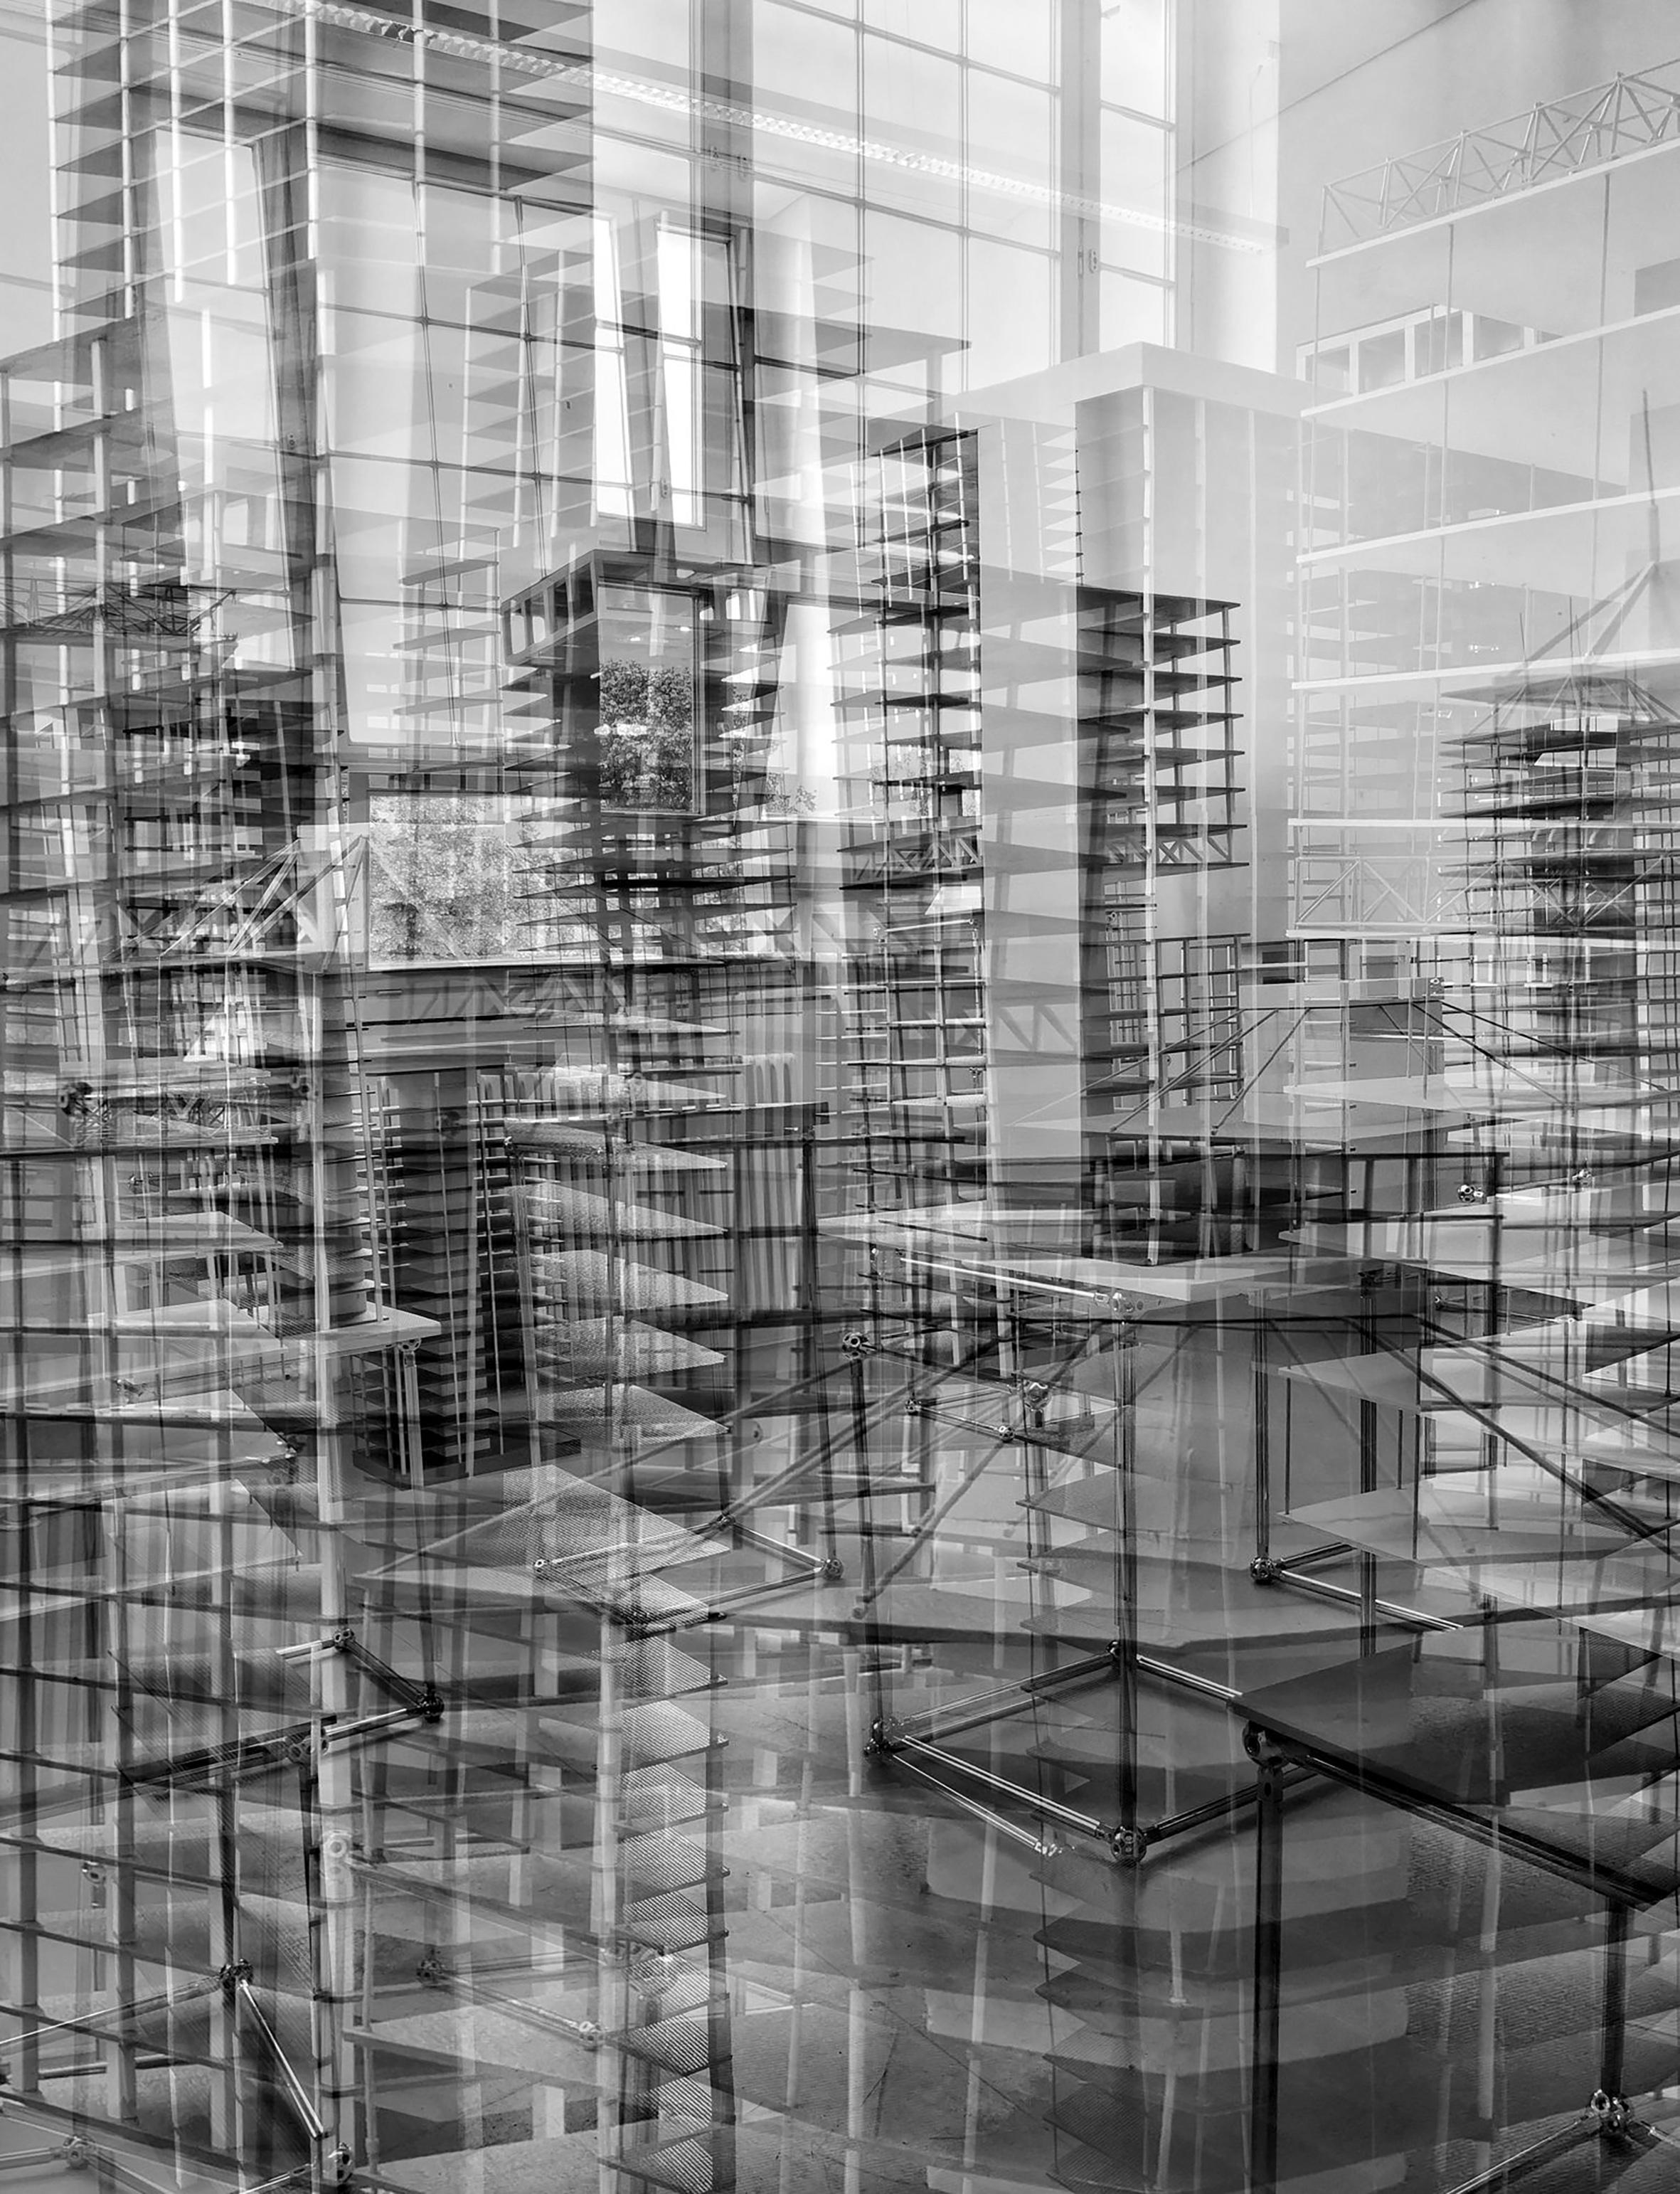 Vexierbild #9, UDK Berlin, 2019/07/15, Silbergelatine Abzug / silver gelatin print, Printed 2021, Copyright Barbara Wolff